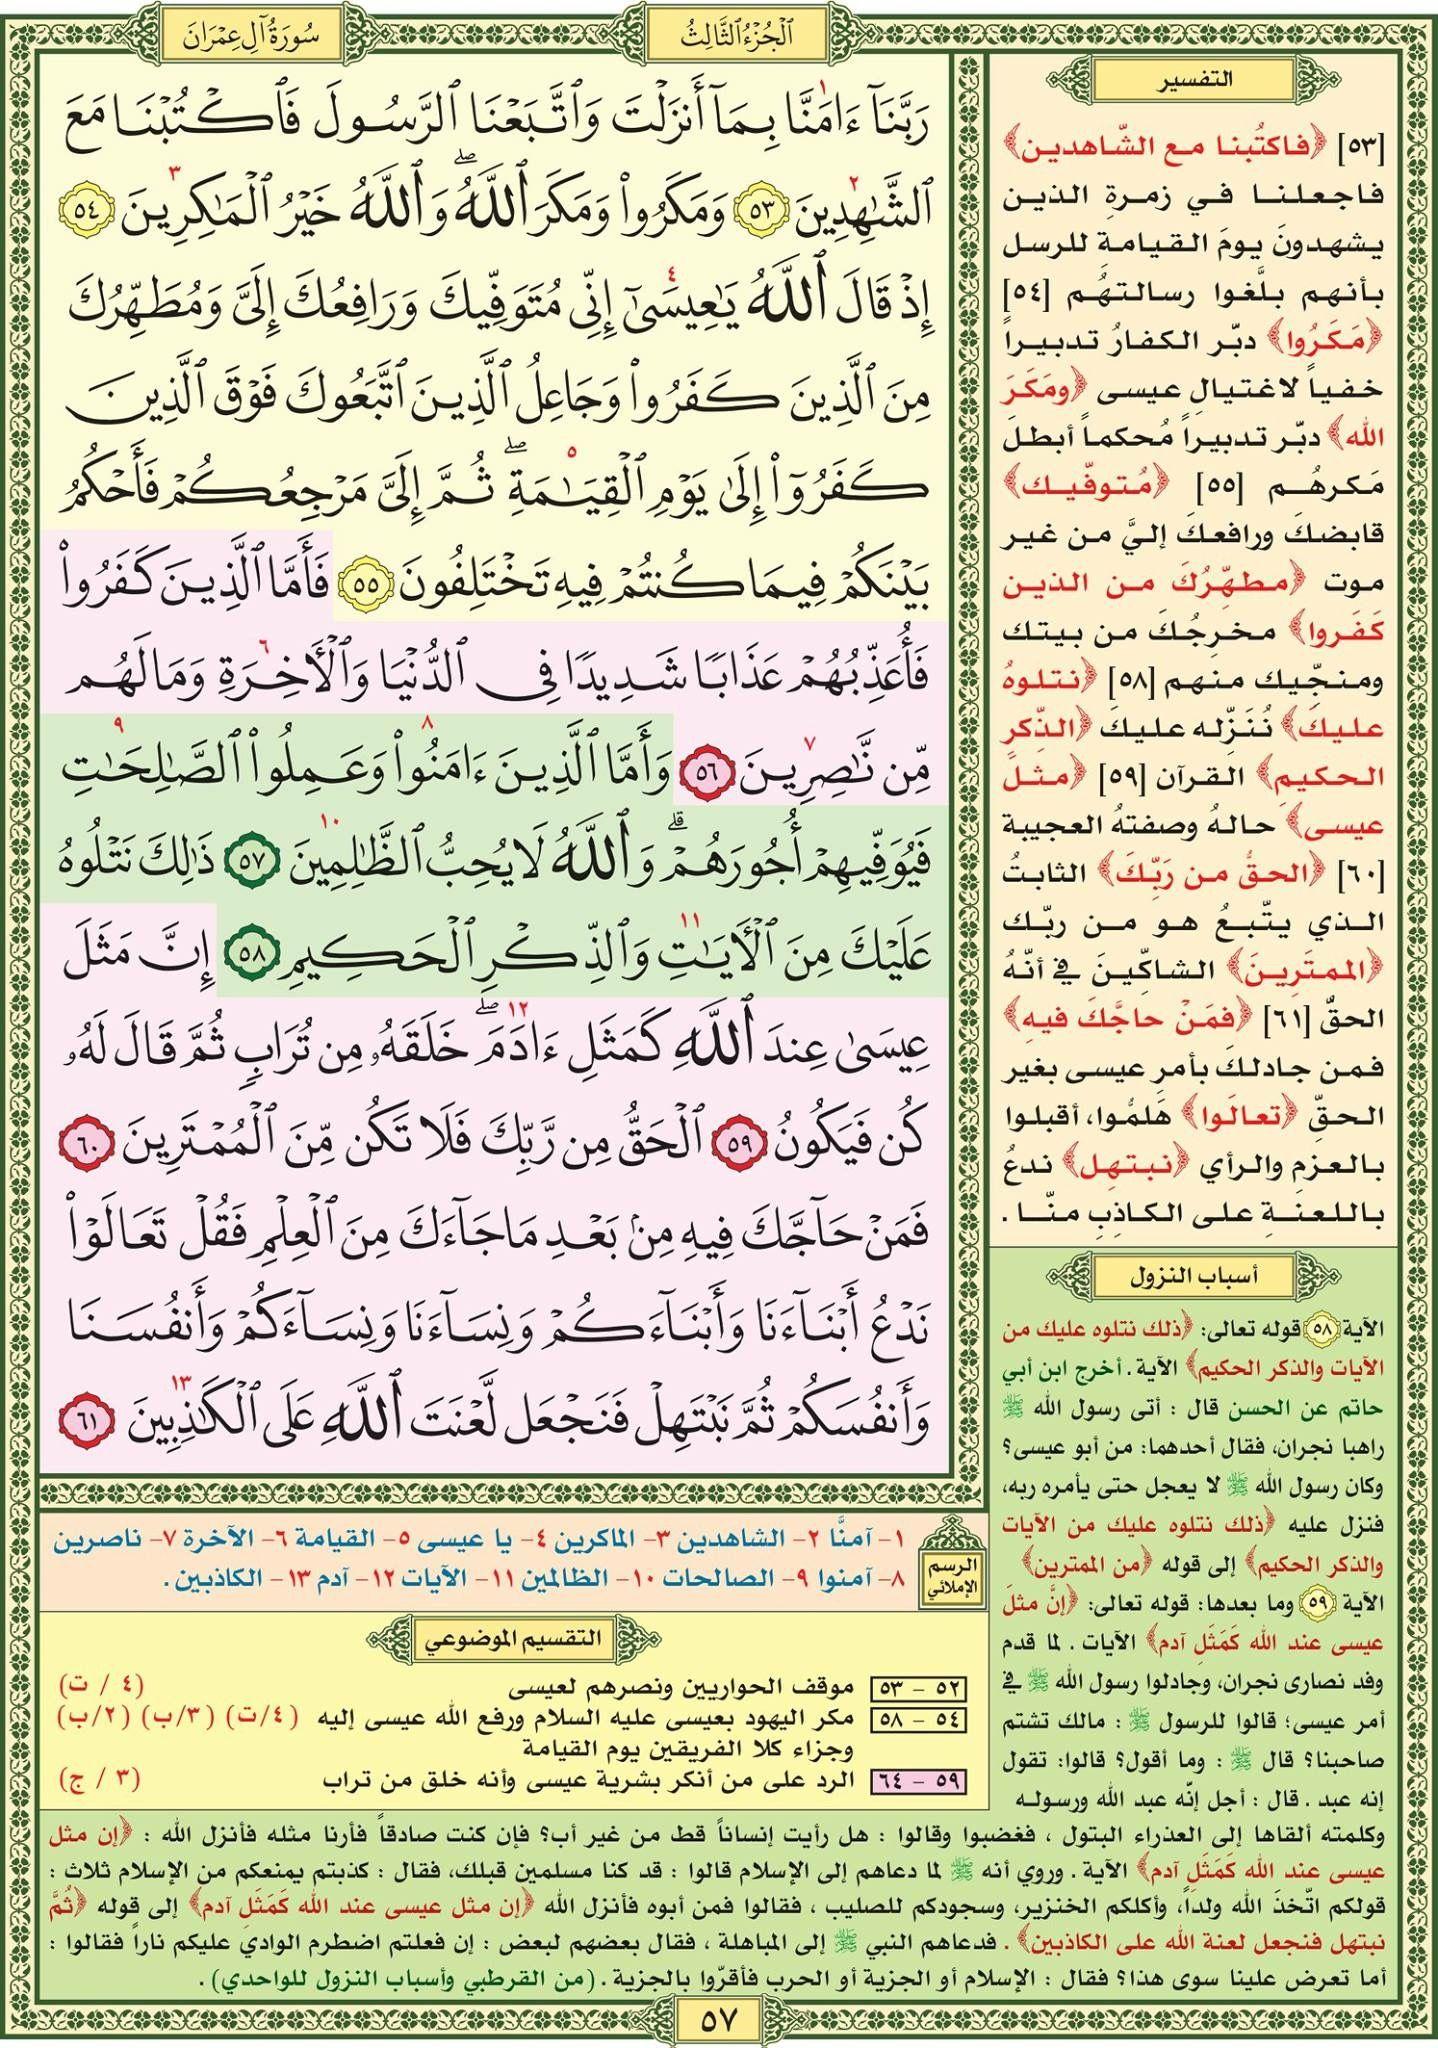 ٥٣ ٦١ آل عمران مصحف التقسيم الموضوعي للحافظ المتقن Quran Verses Quran Book Holy Quran Book